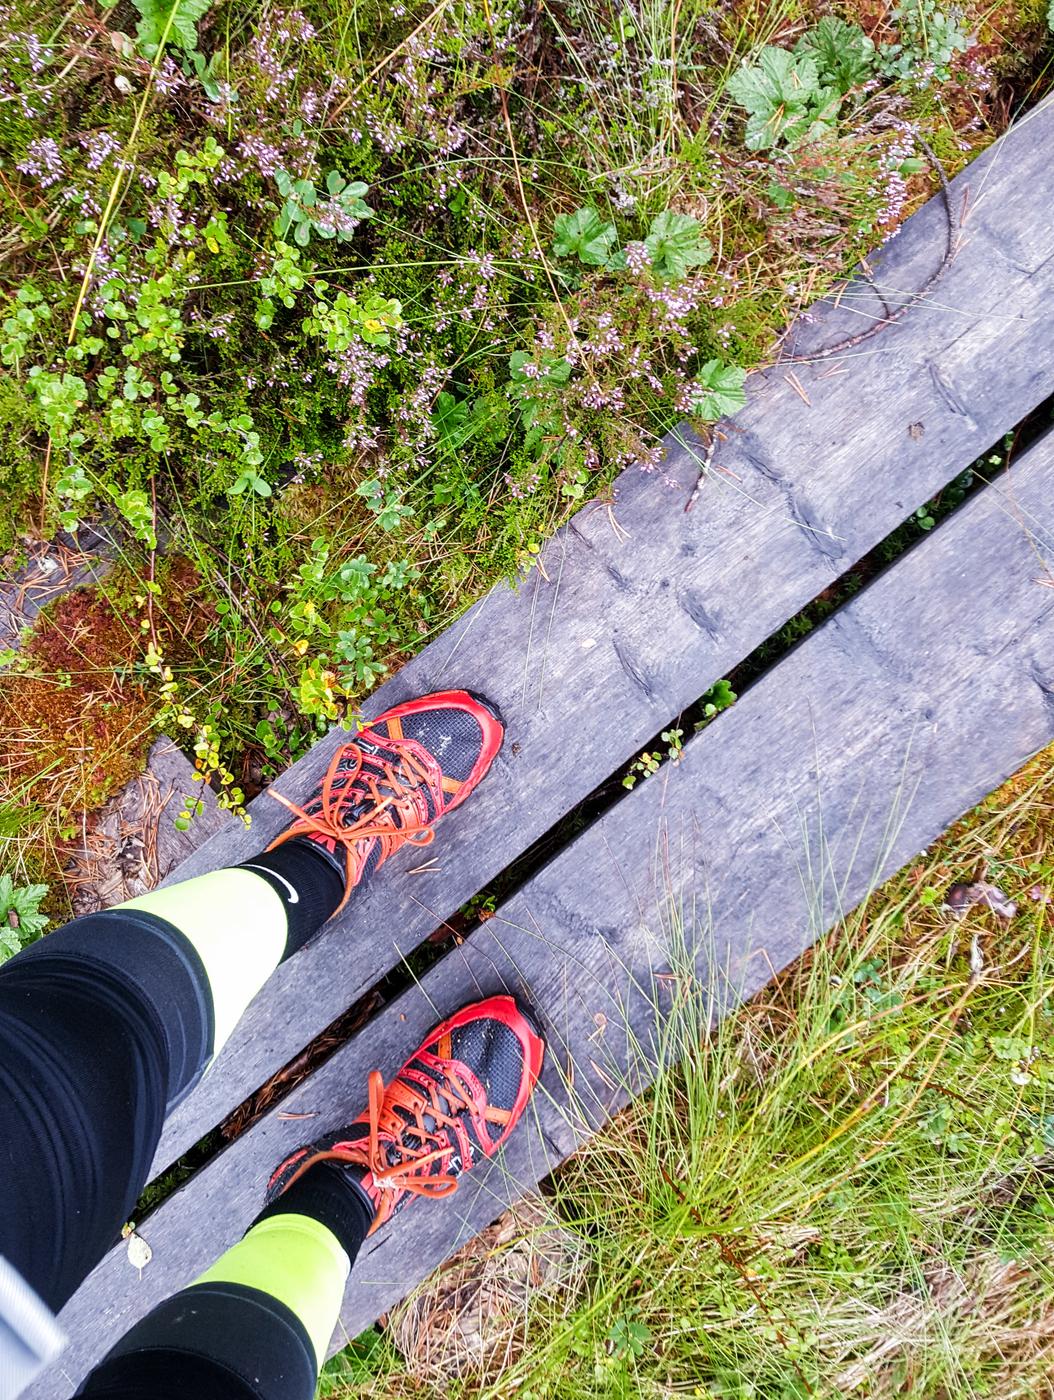 Ukkohalla Trail Run 2017 16 km